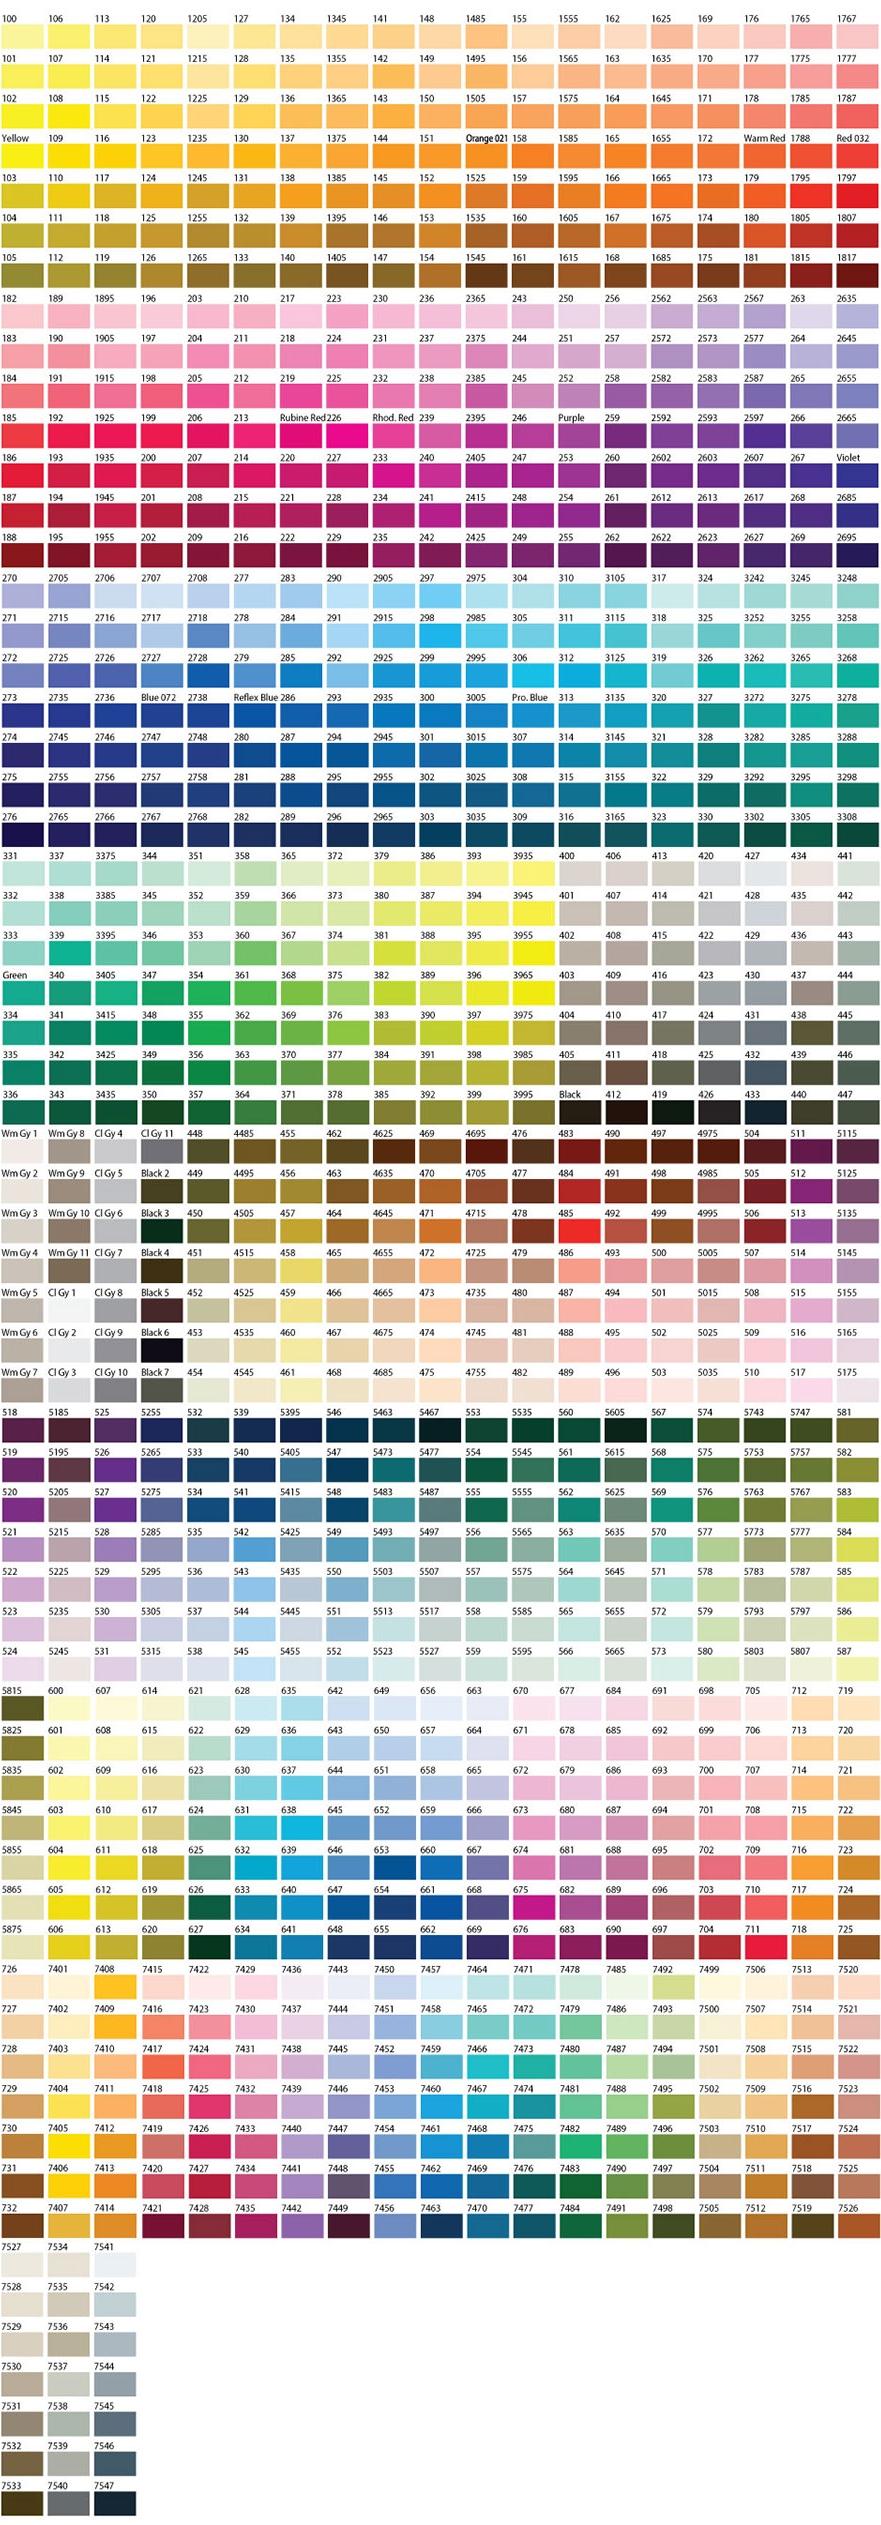 Nuestra tabla de colores para poder elegir y fabricar sus pins.